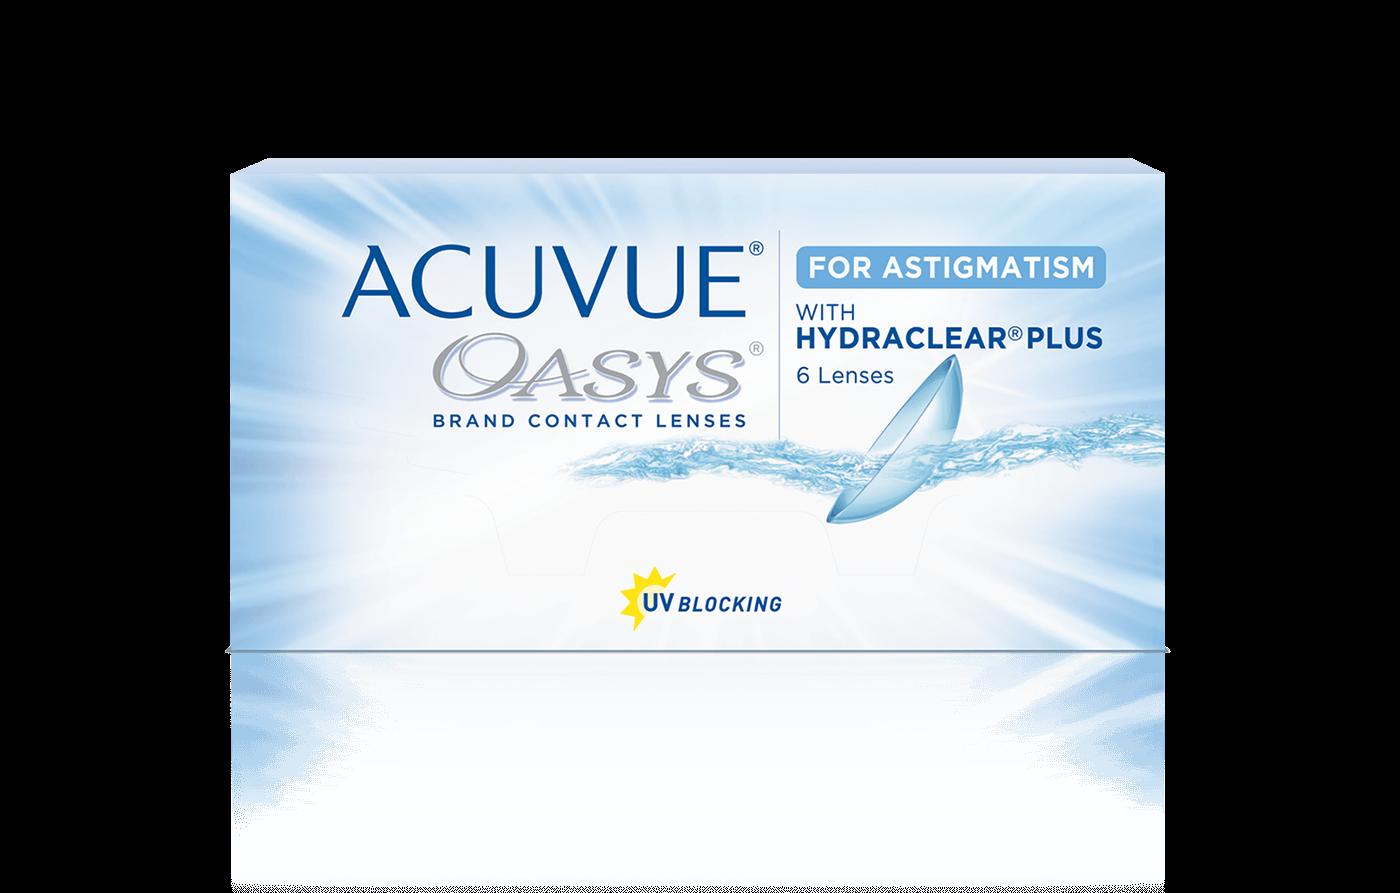 ACUVUE OASYS® for Astigmatism 2-Week